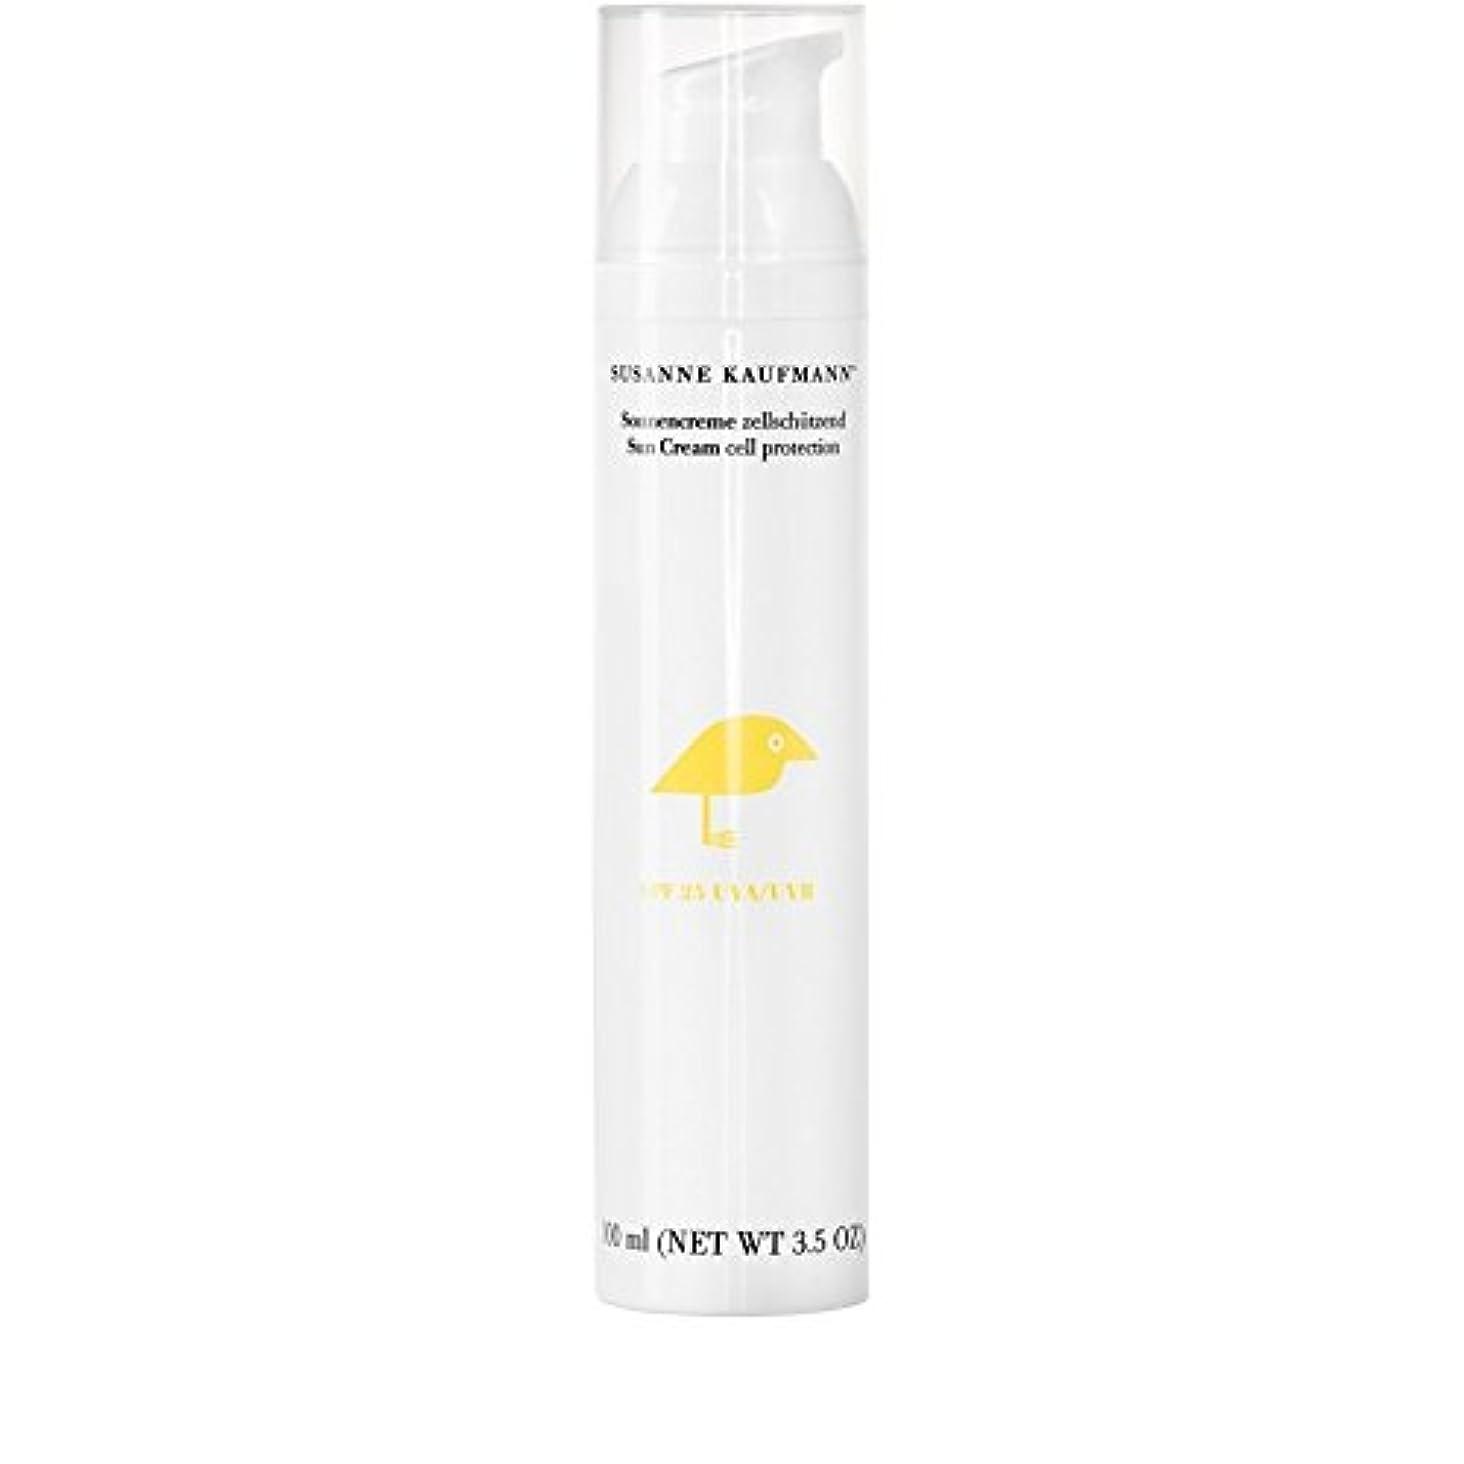 迅速帰する請求Susanne Kaufmann Cell Protection Sun Cream SPF25 100ml - スザンヌカウフマン細胞保護日クリーム25の100ミリリットル [並行輸入品]